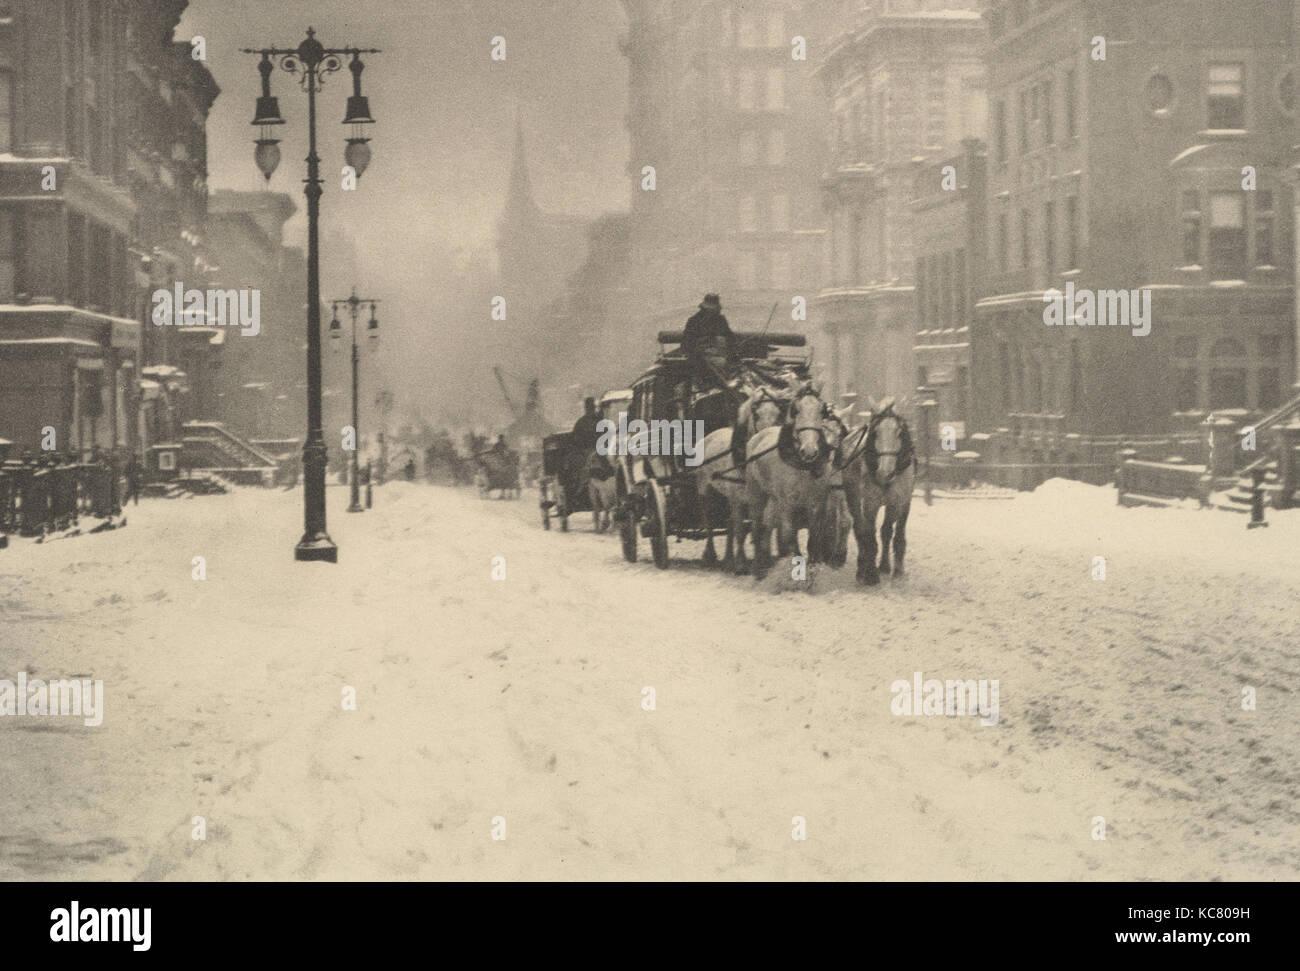 Fotografías pictóricas. Un registro fotográfico del Salón de 1897. En diecisiete placas reproducida en huecograbado, Foto de stock